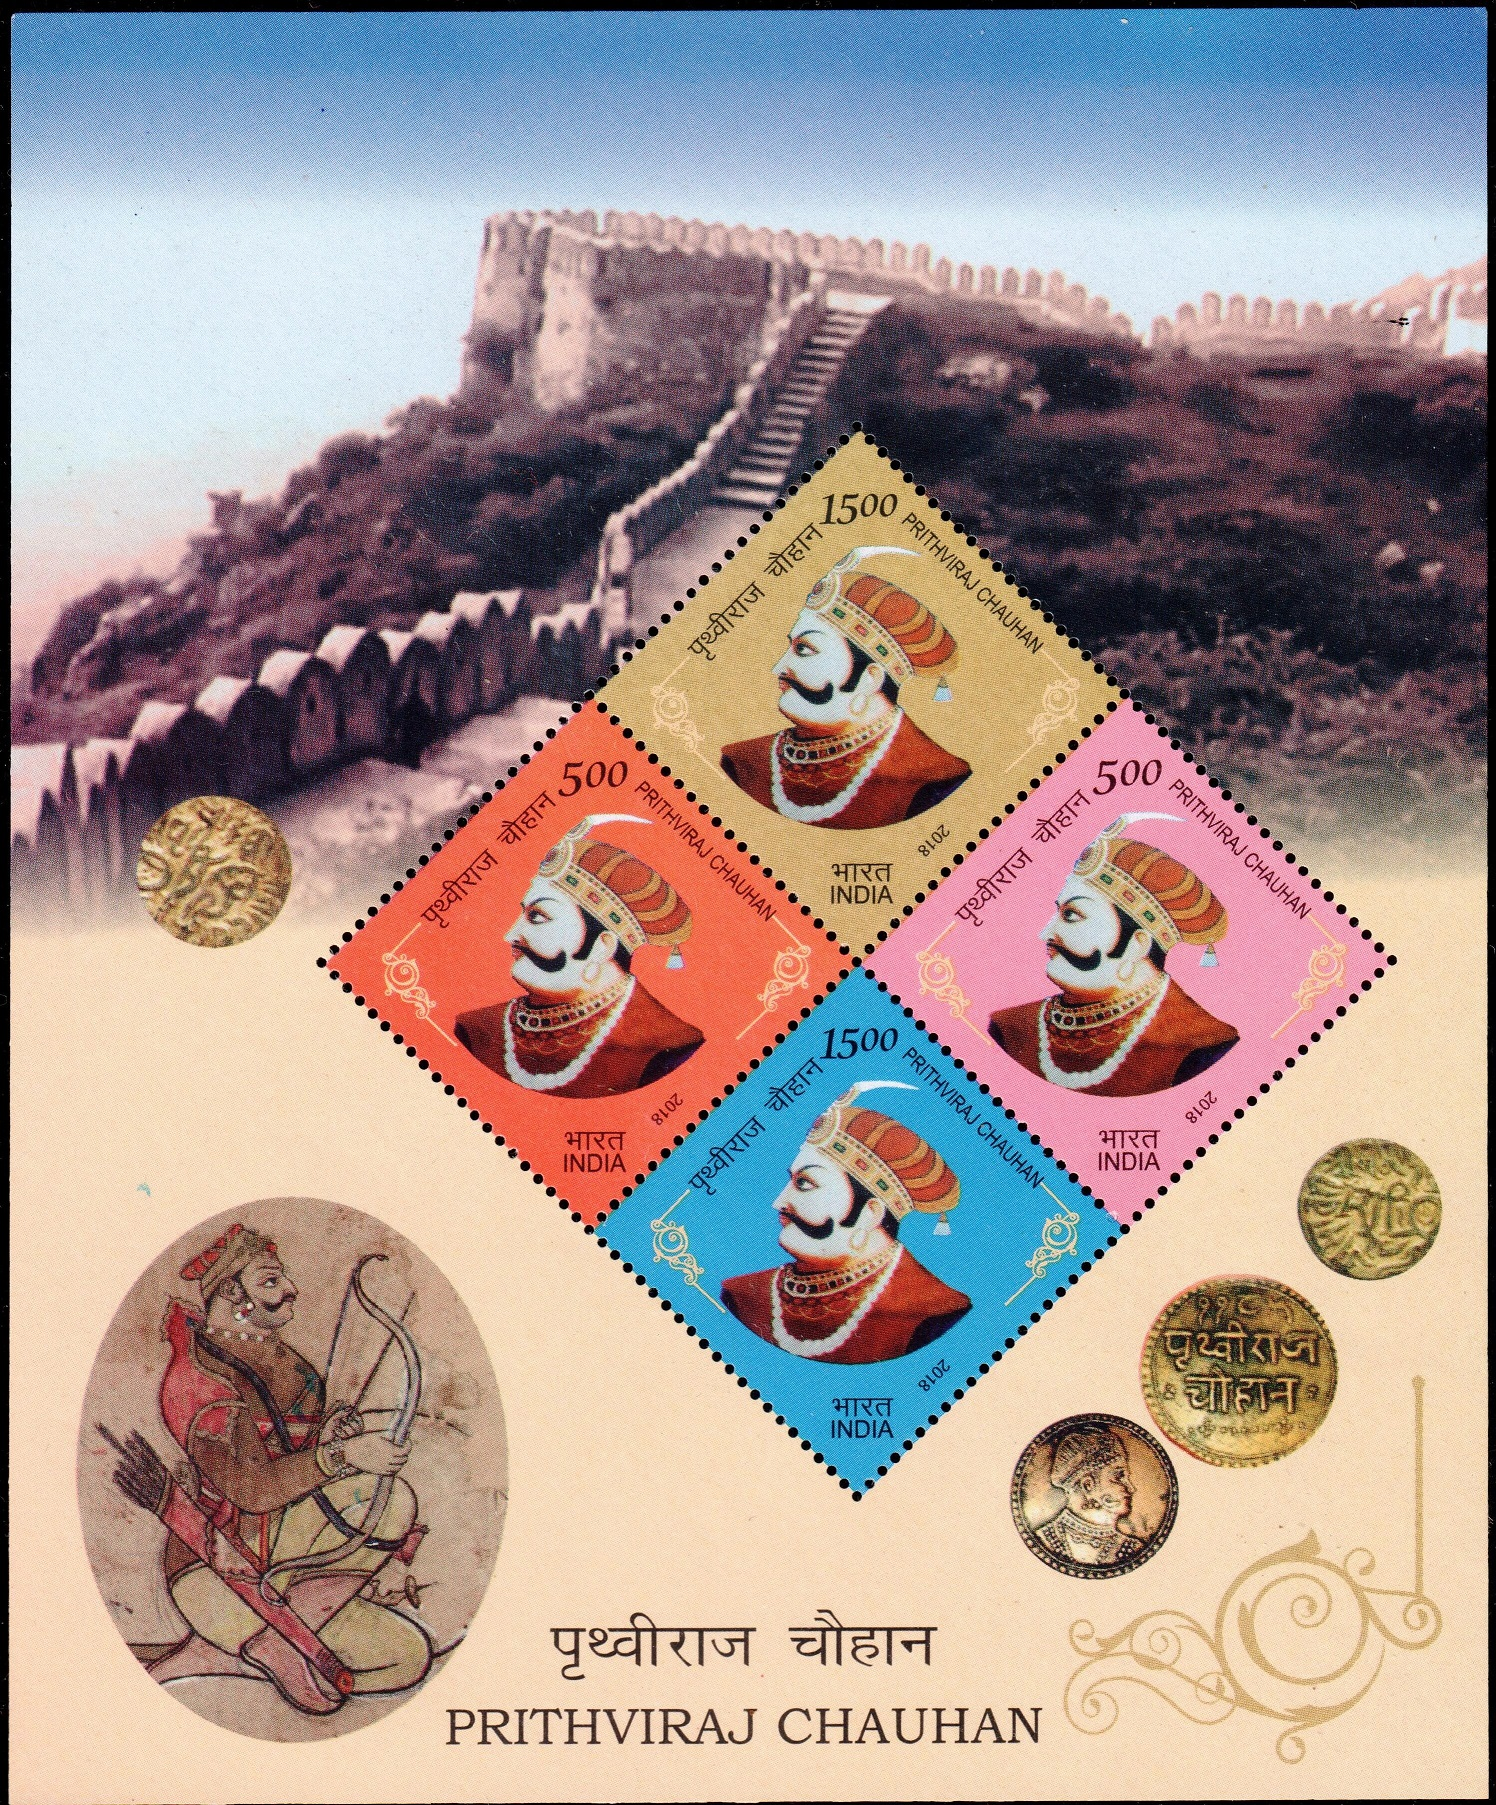 Rai Pithora Prithviraja III : Chahamanas of Shakambhari (Chauhans of Sambhar)